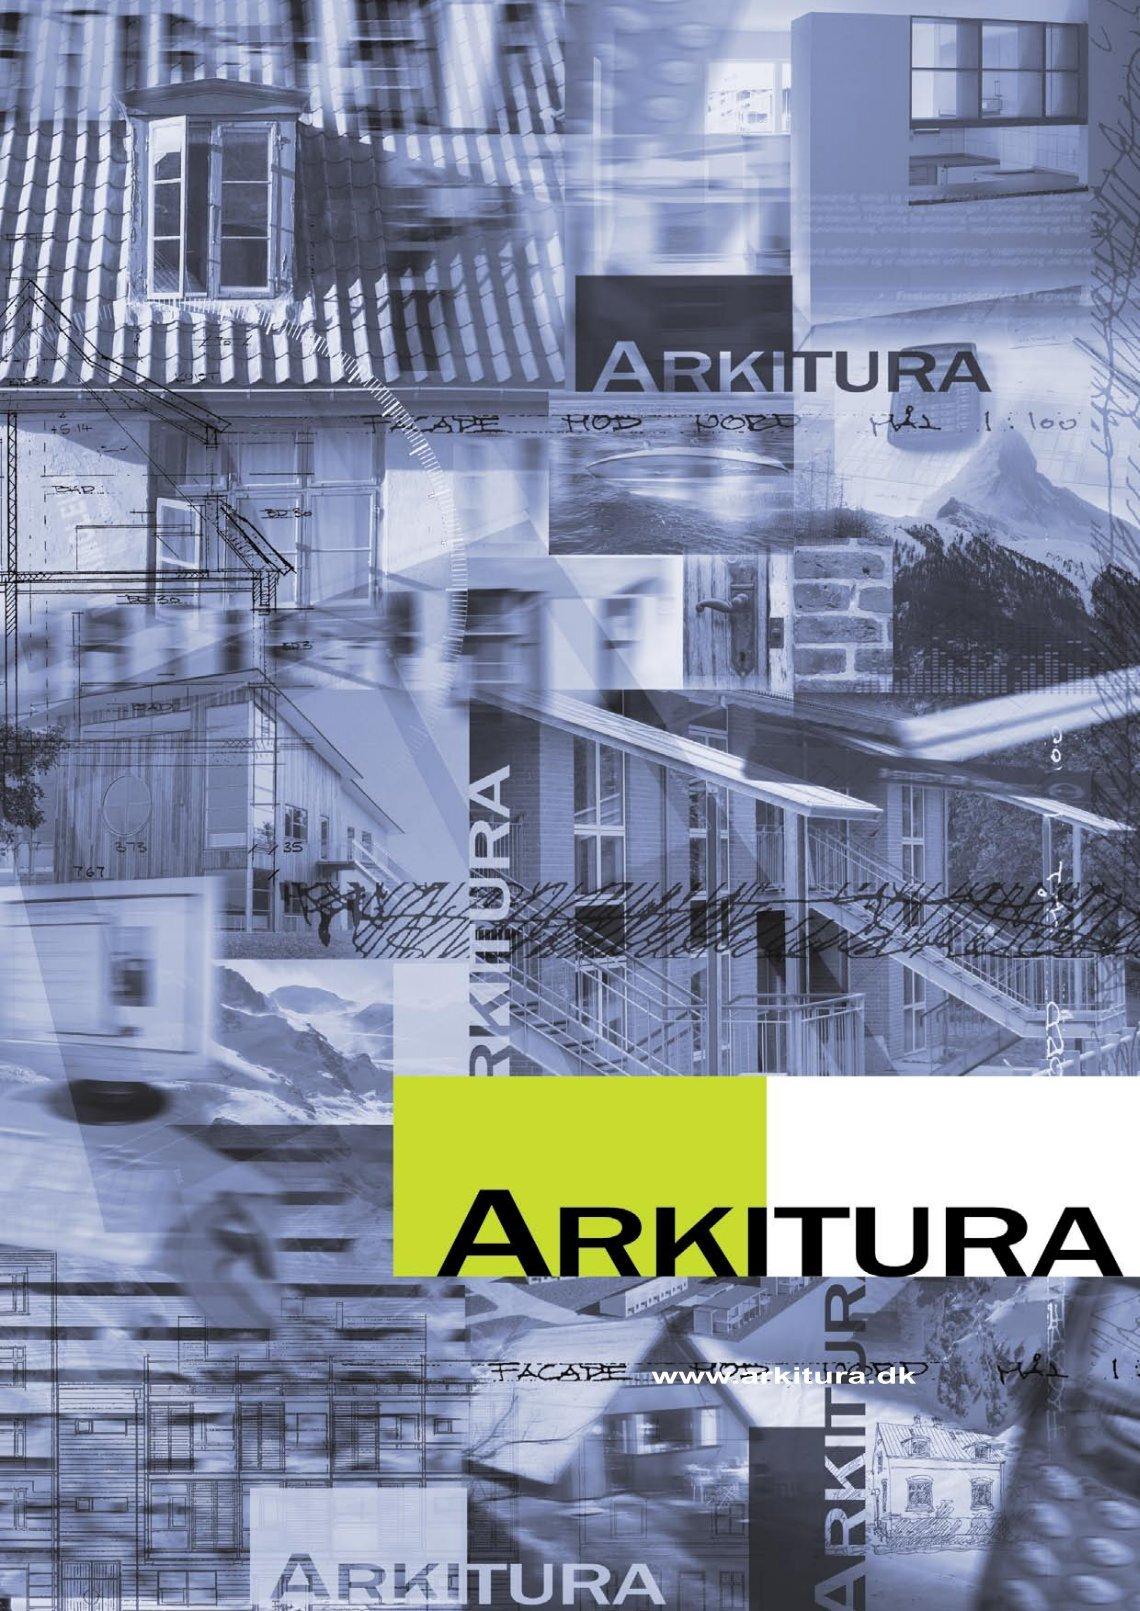 Bemerkenswert Arkitura Galerie Von Arkitura.dk